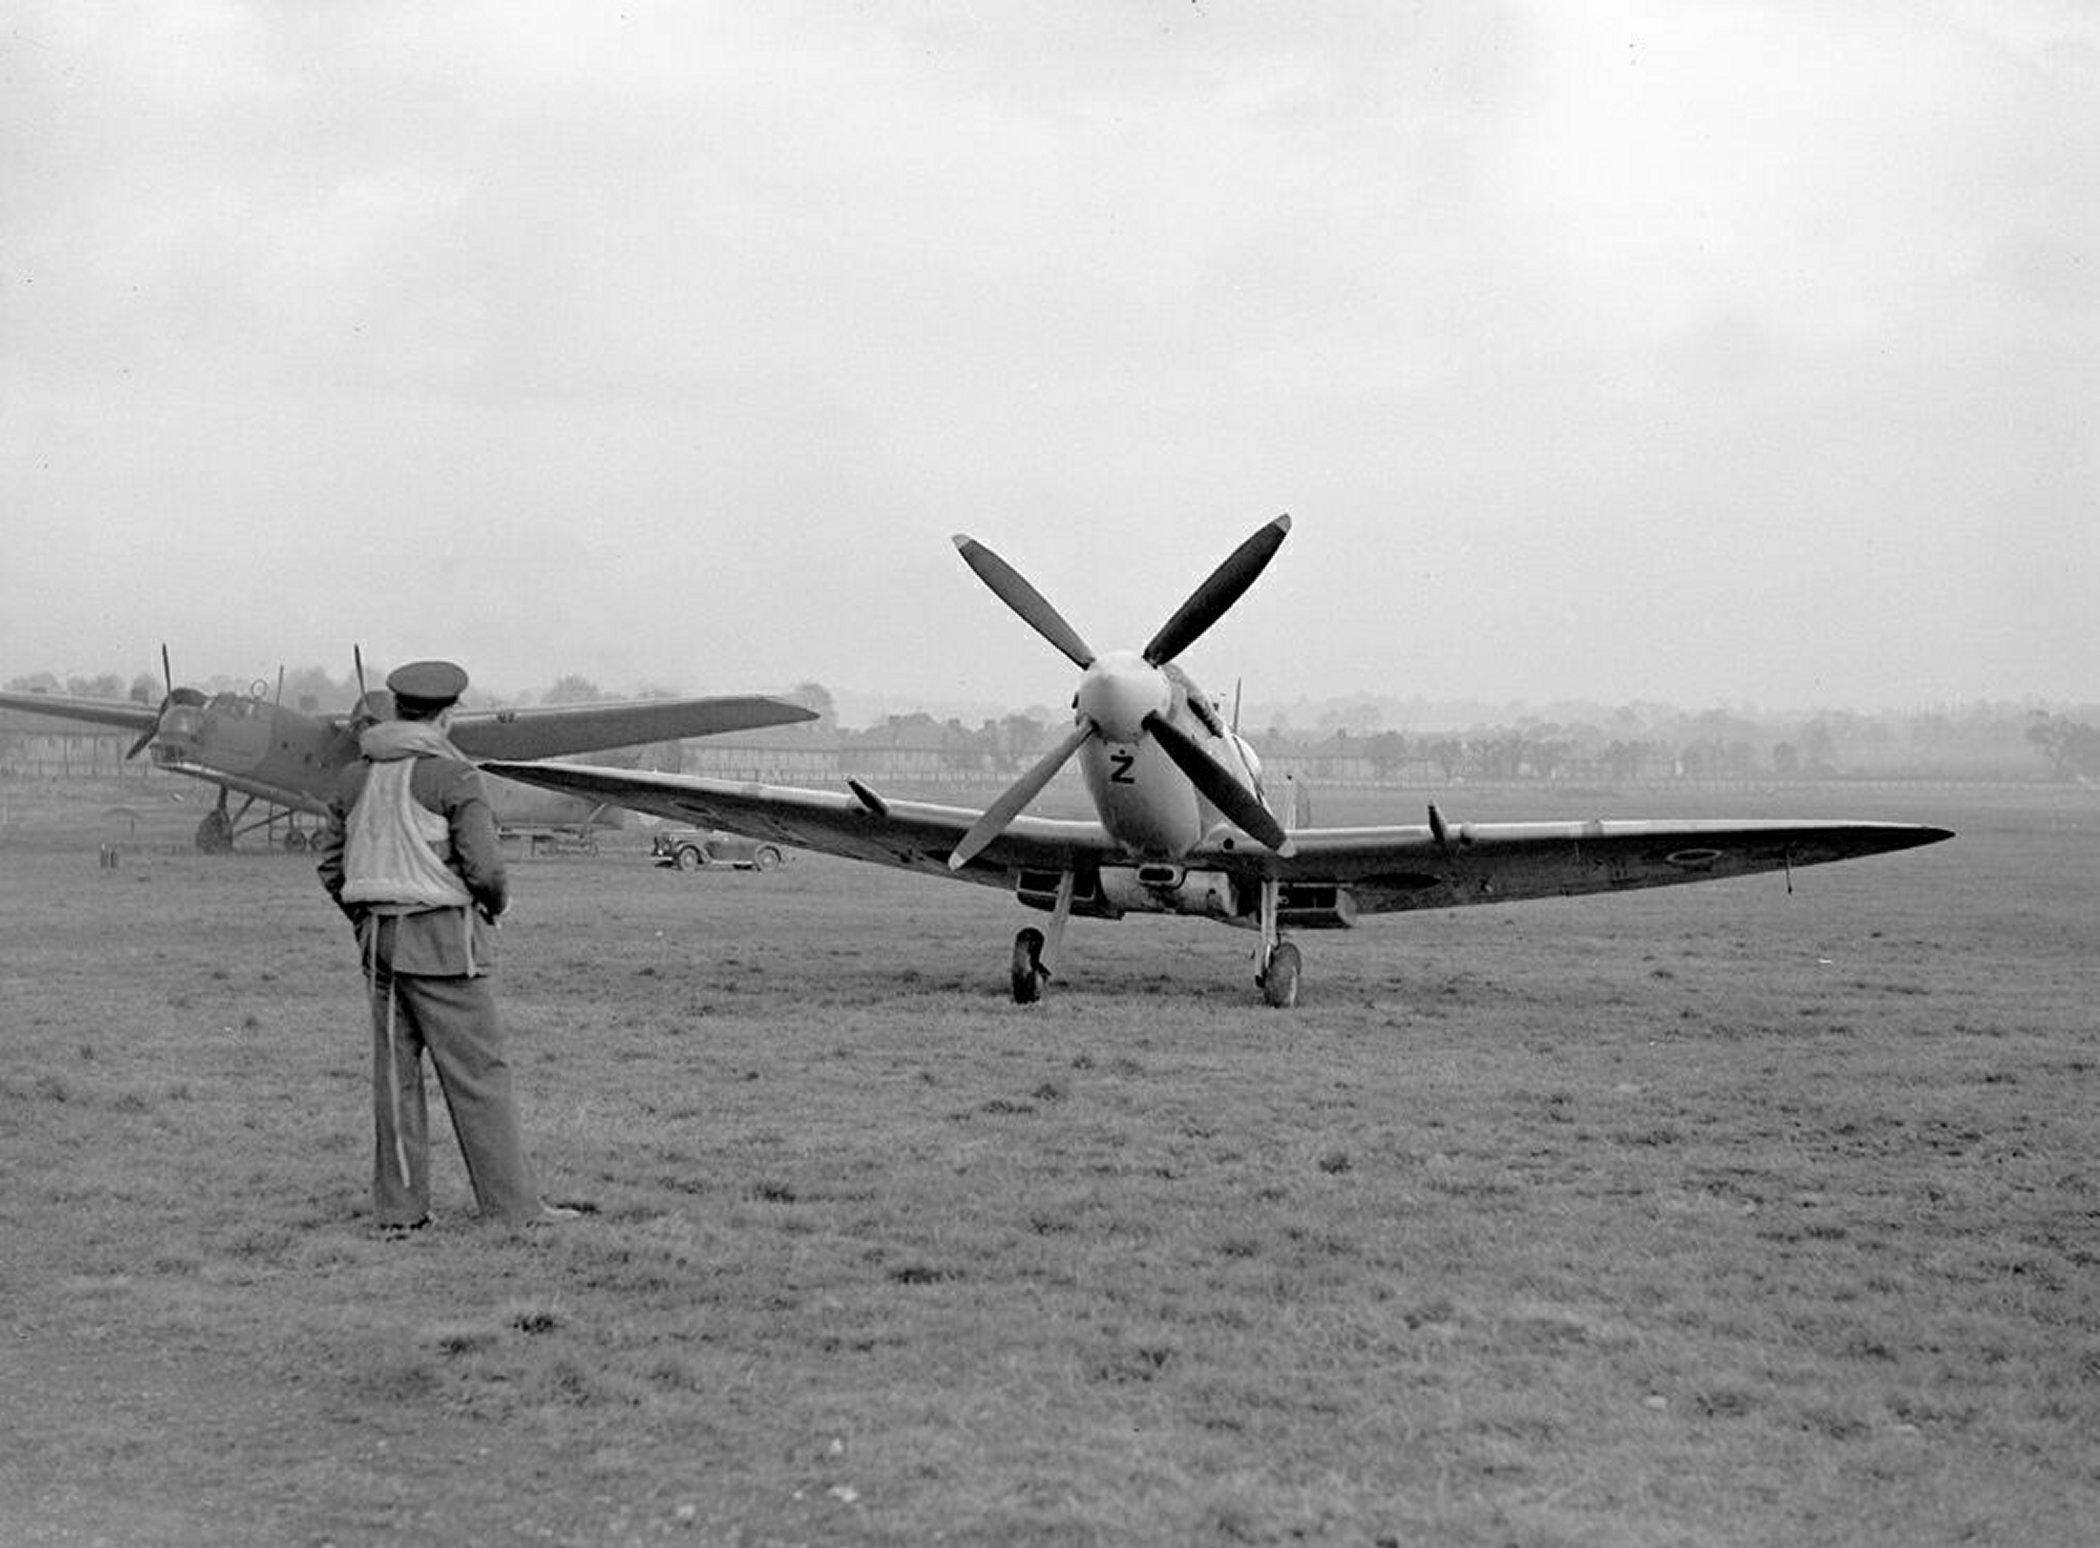 Spitfire MkIXc RAF 306Sqn UZZ Joseph Zulikowskiego BS456 Northolt England Nov 16 1942 03